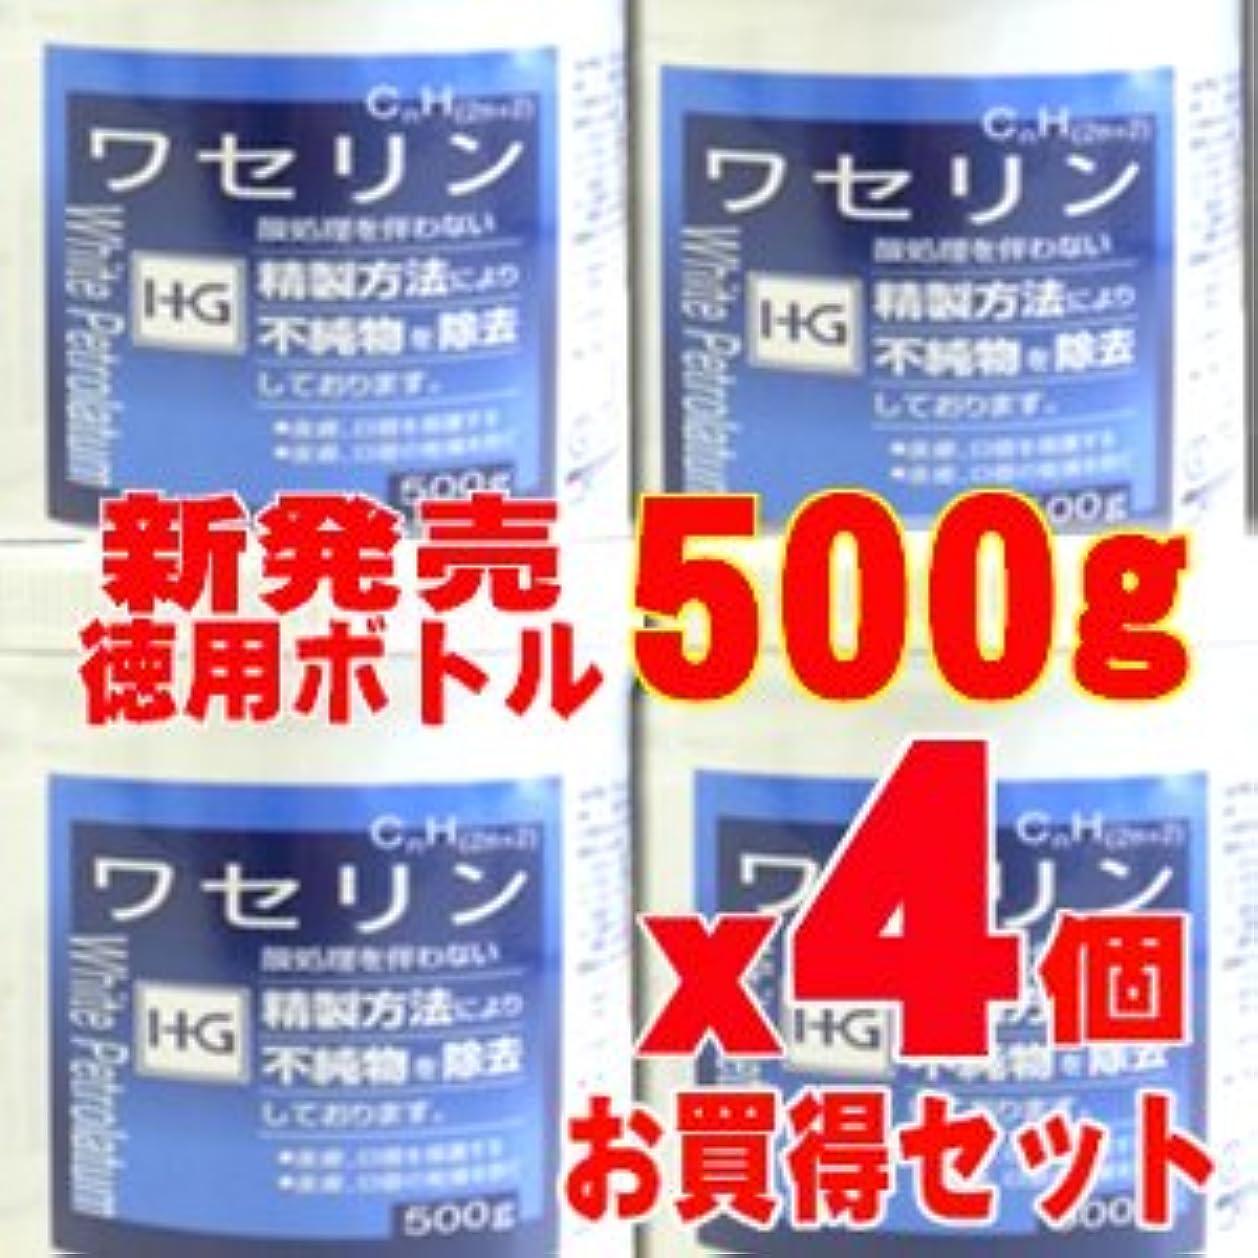 揺れるバンガロー雄弁家【敏感肌の方に最適!】皮膚保護 ワセリンHG 徳用500gx4個セット